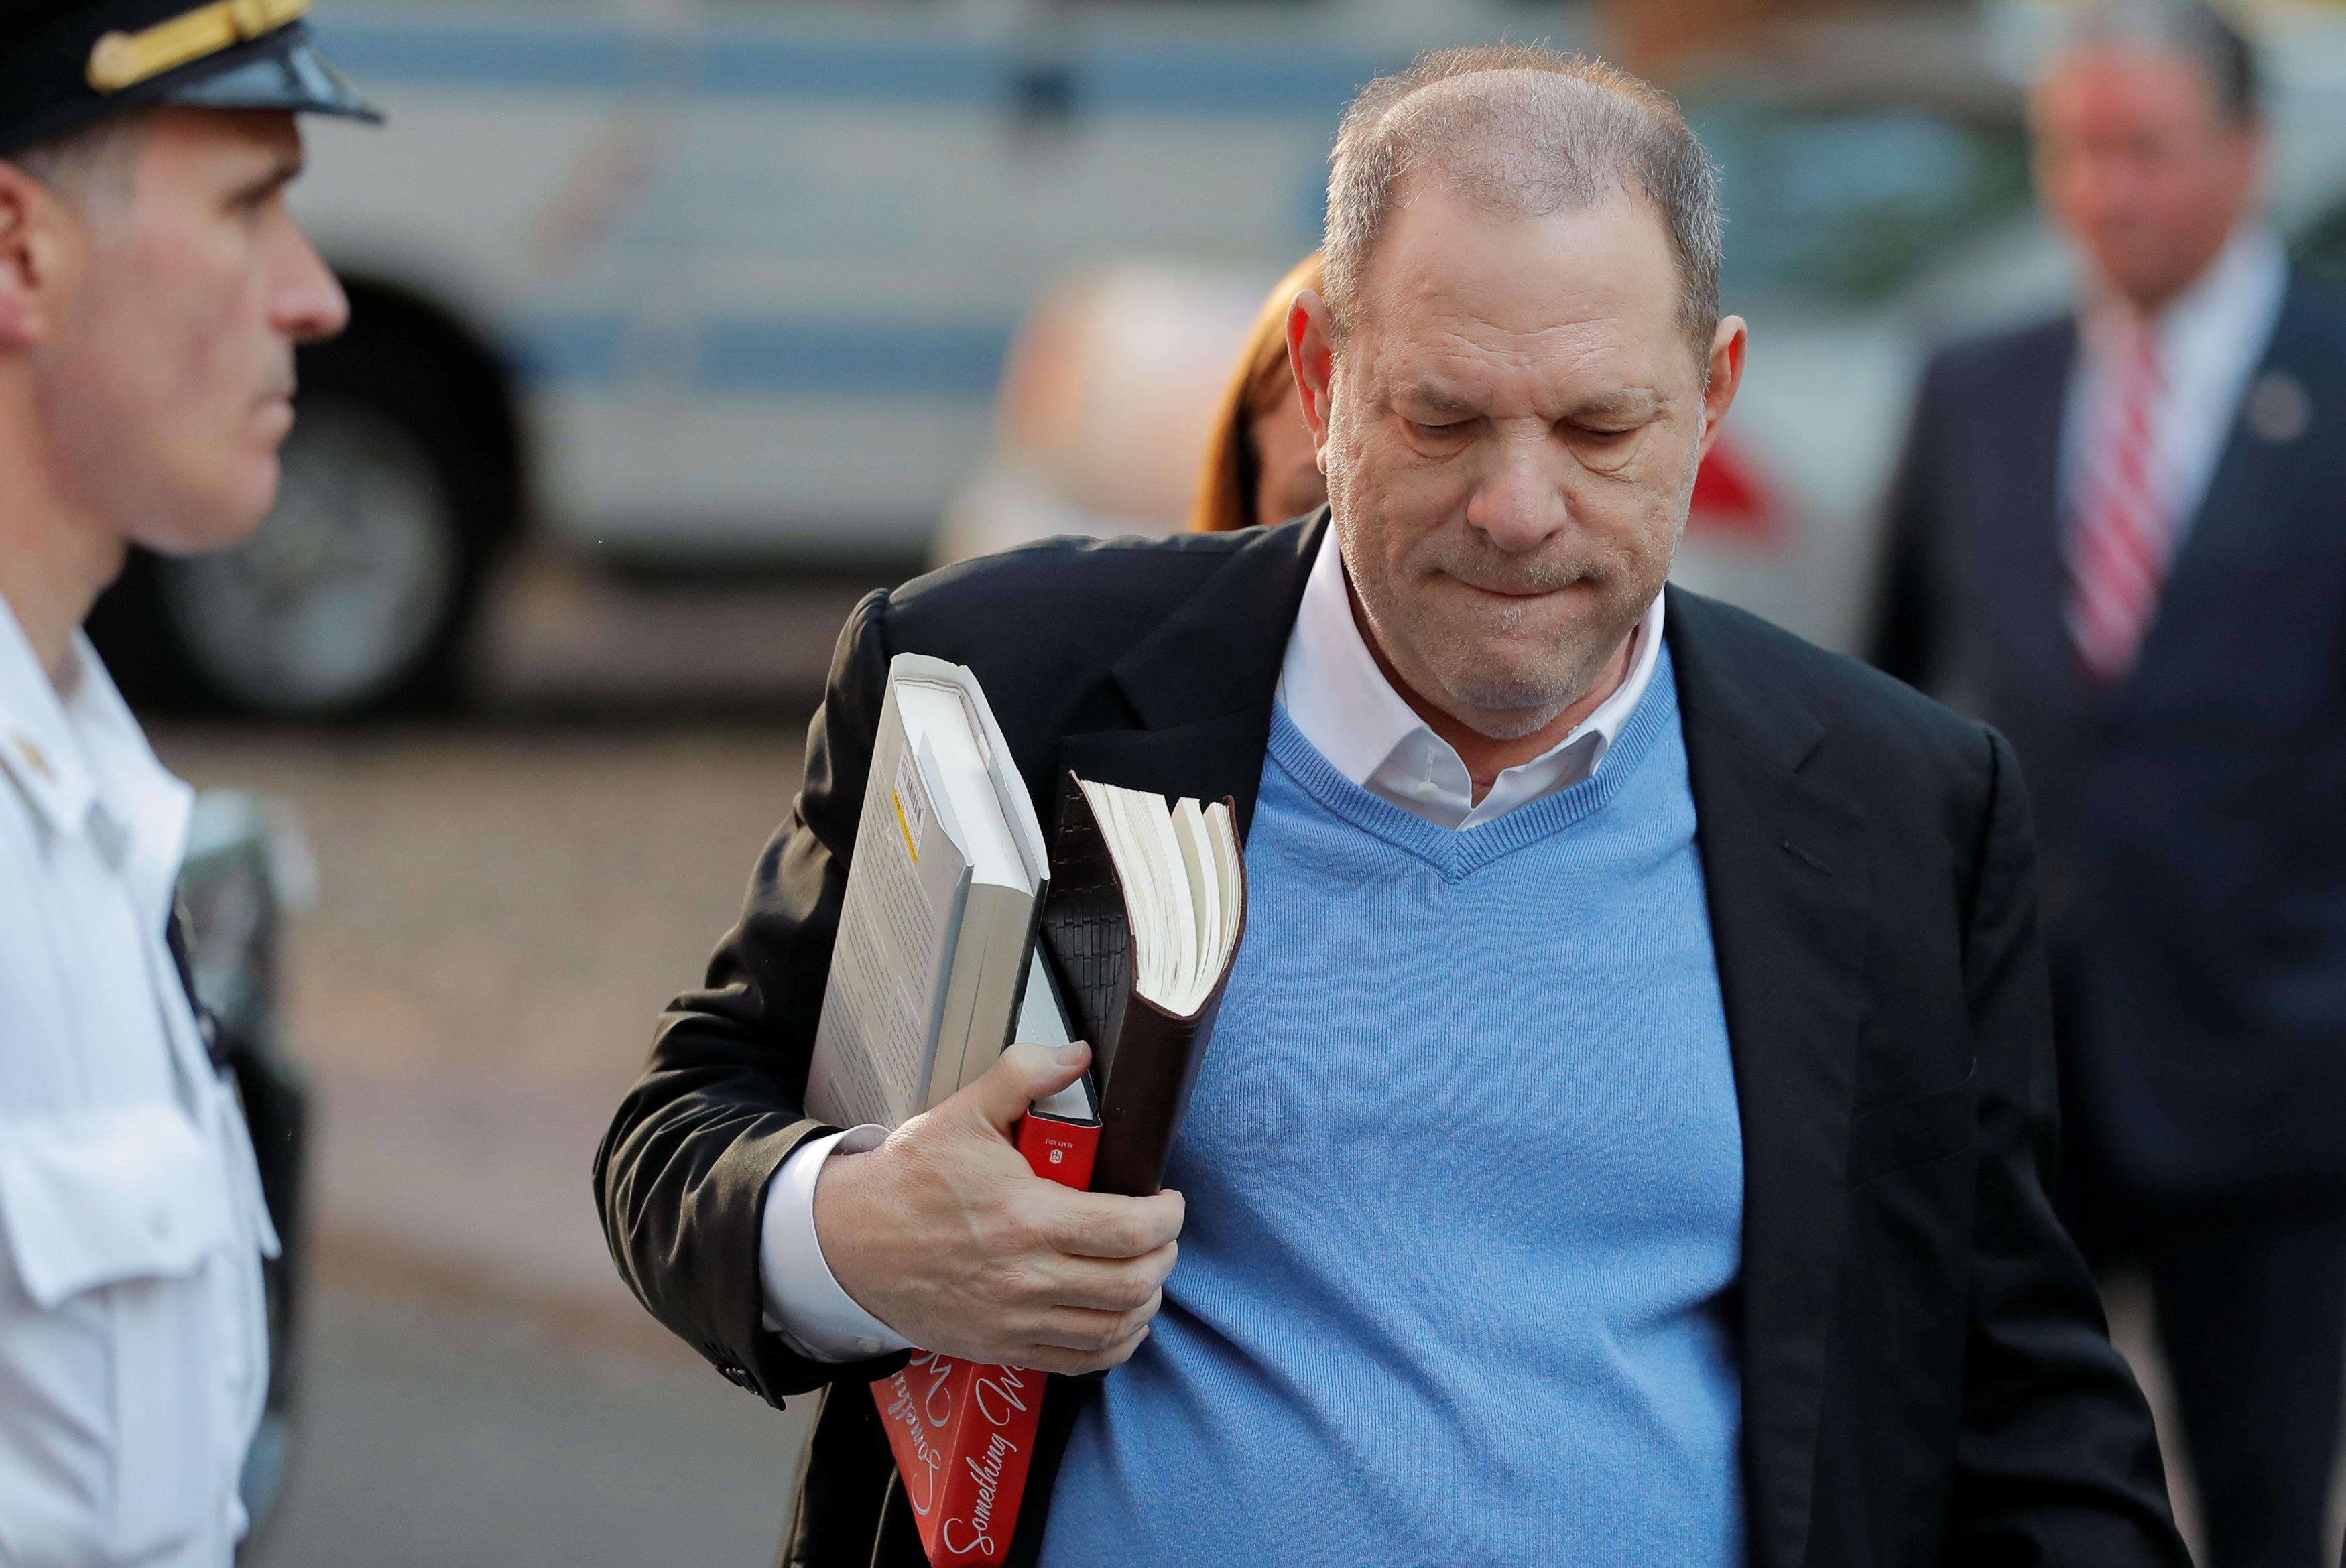 Harvey Weinstein Turns Himself In, Appears In Court On Rape